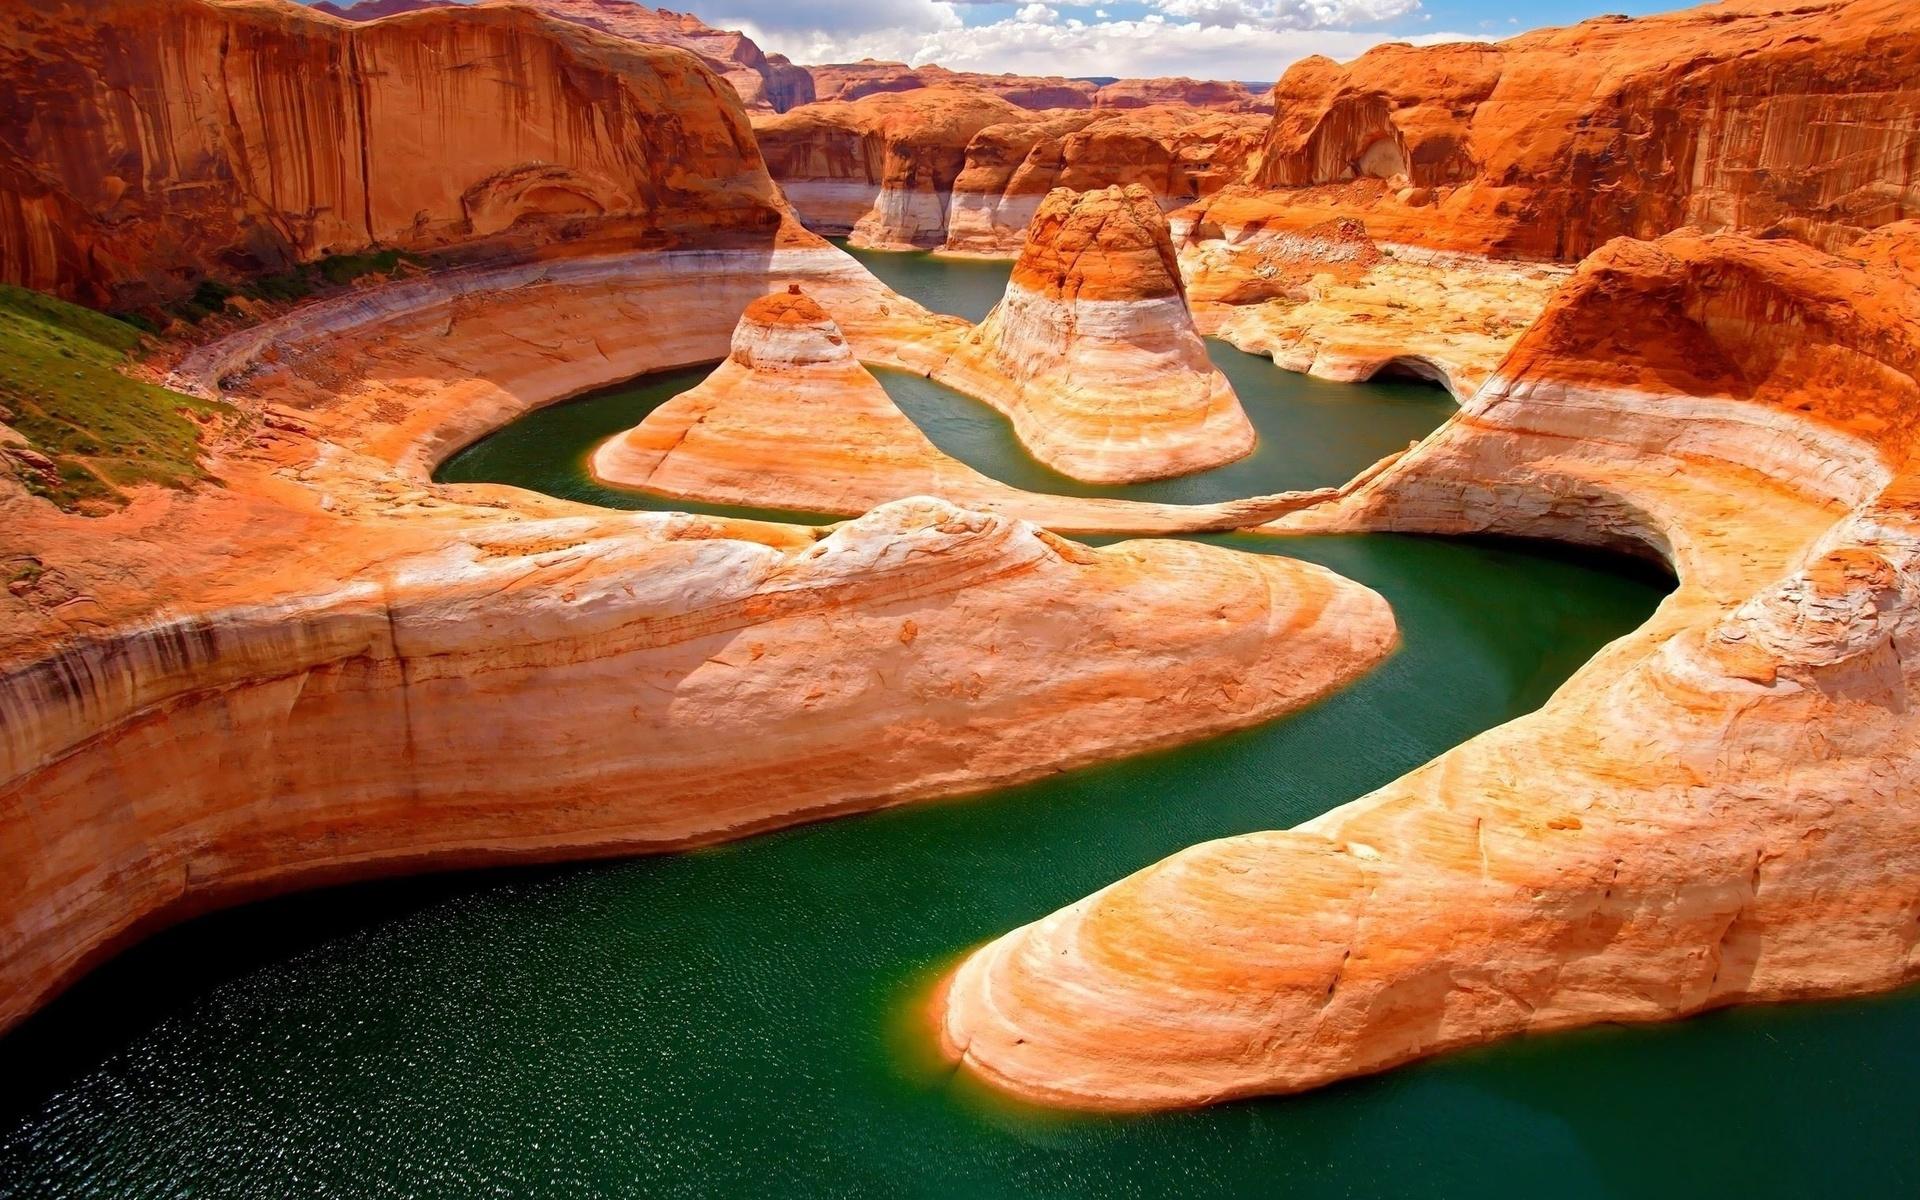 картинки про каньон сорт